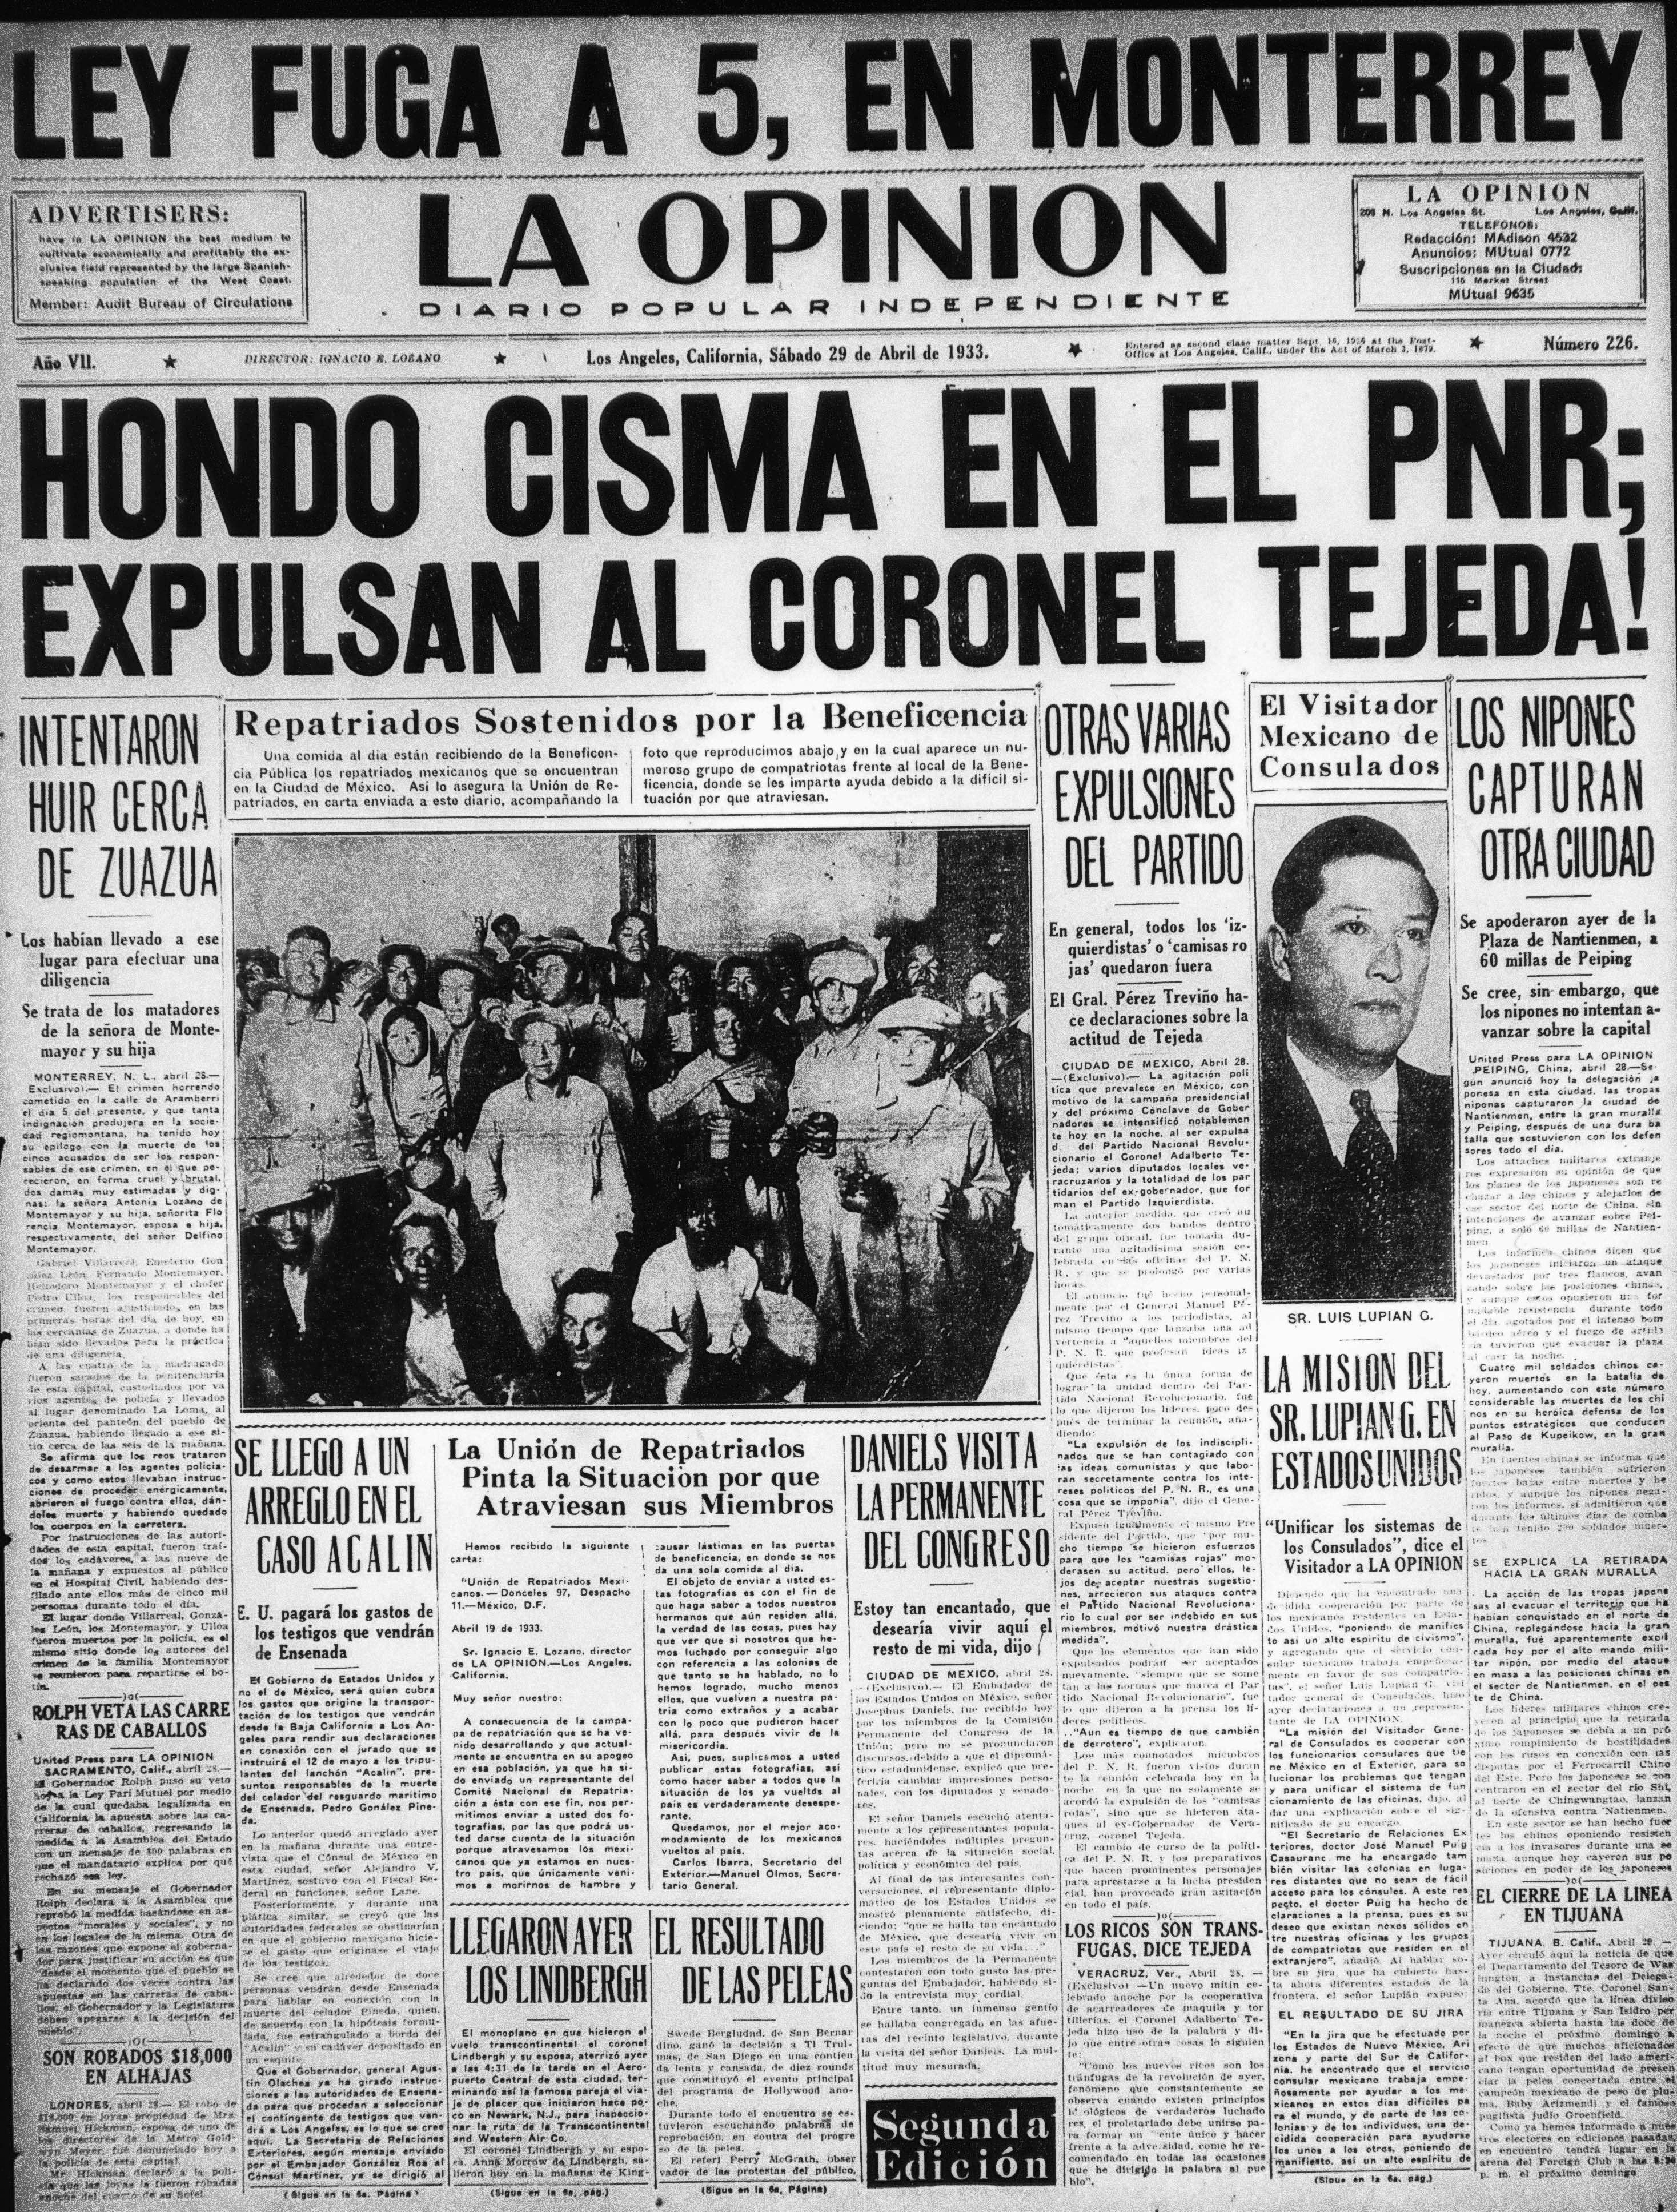 La Opinion Letter from Repatriots 1933